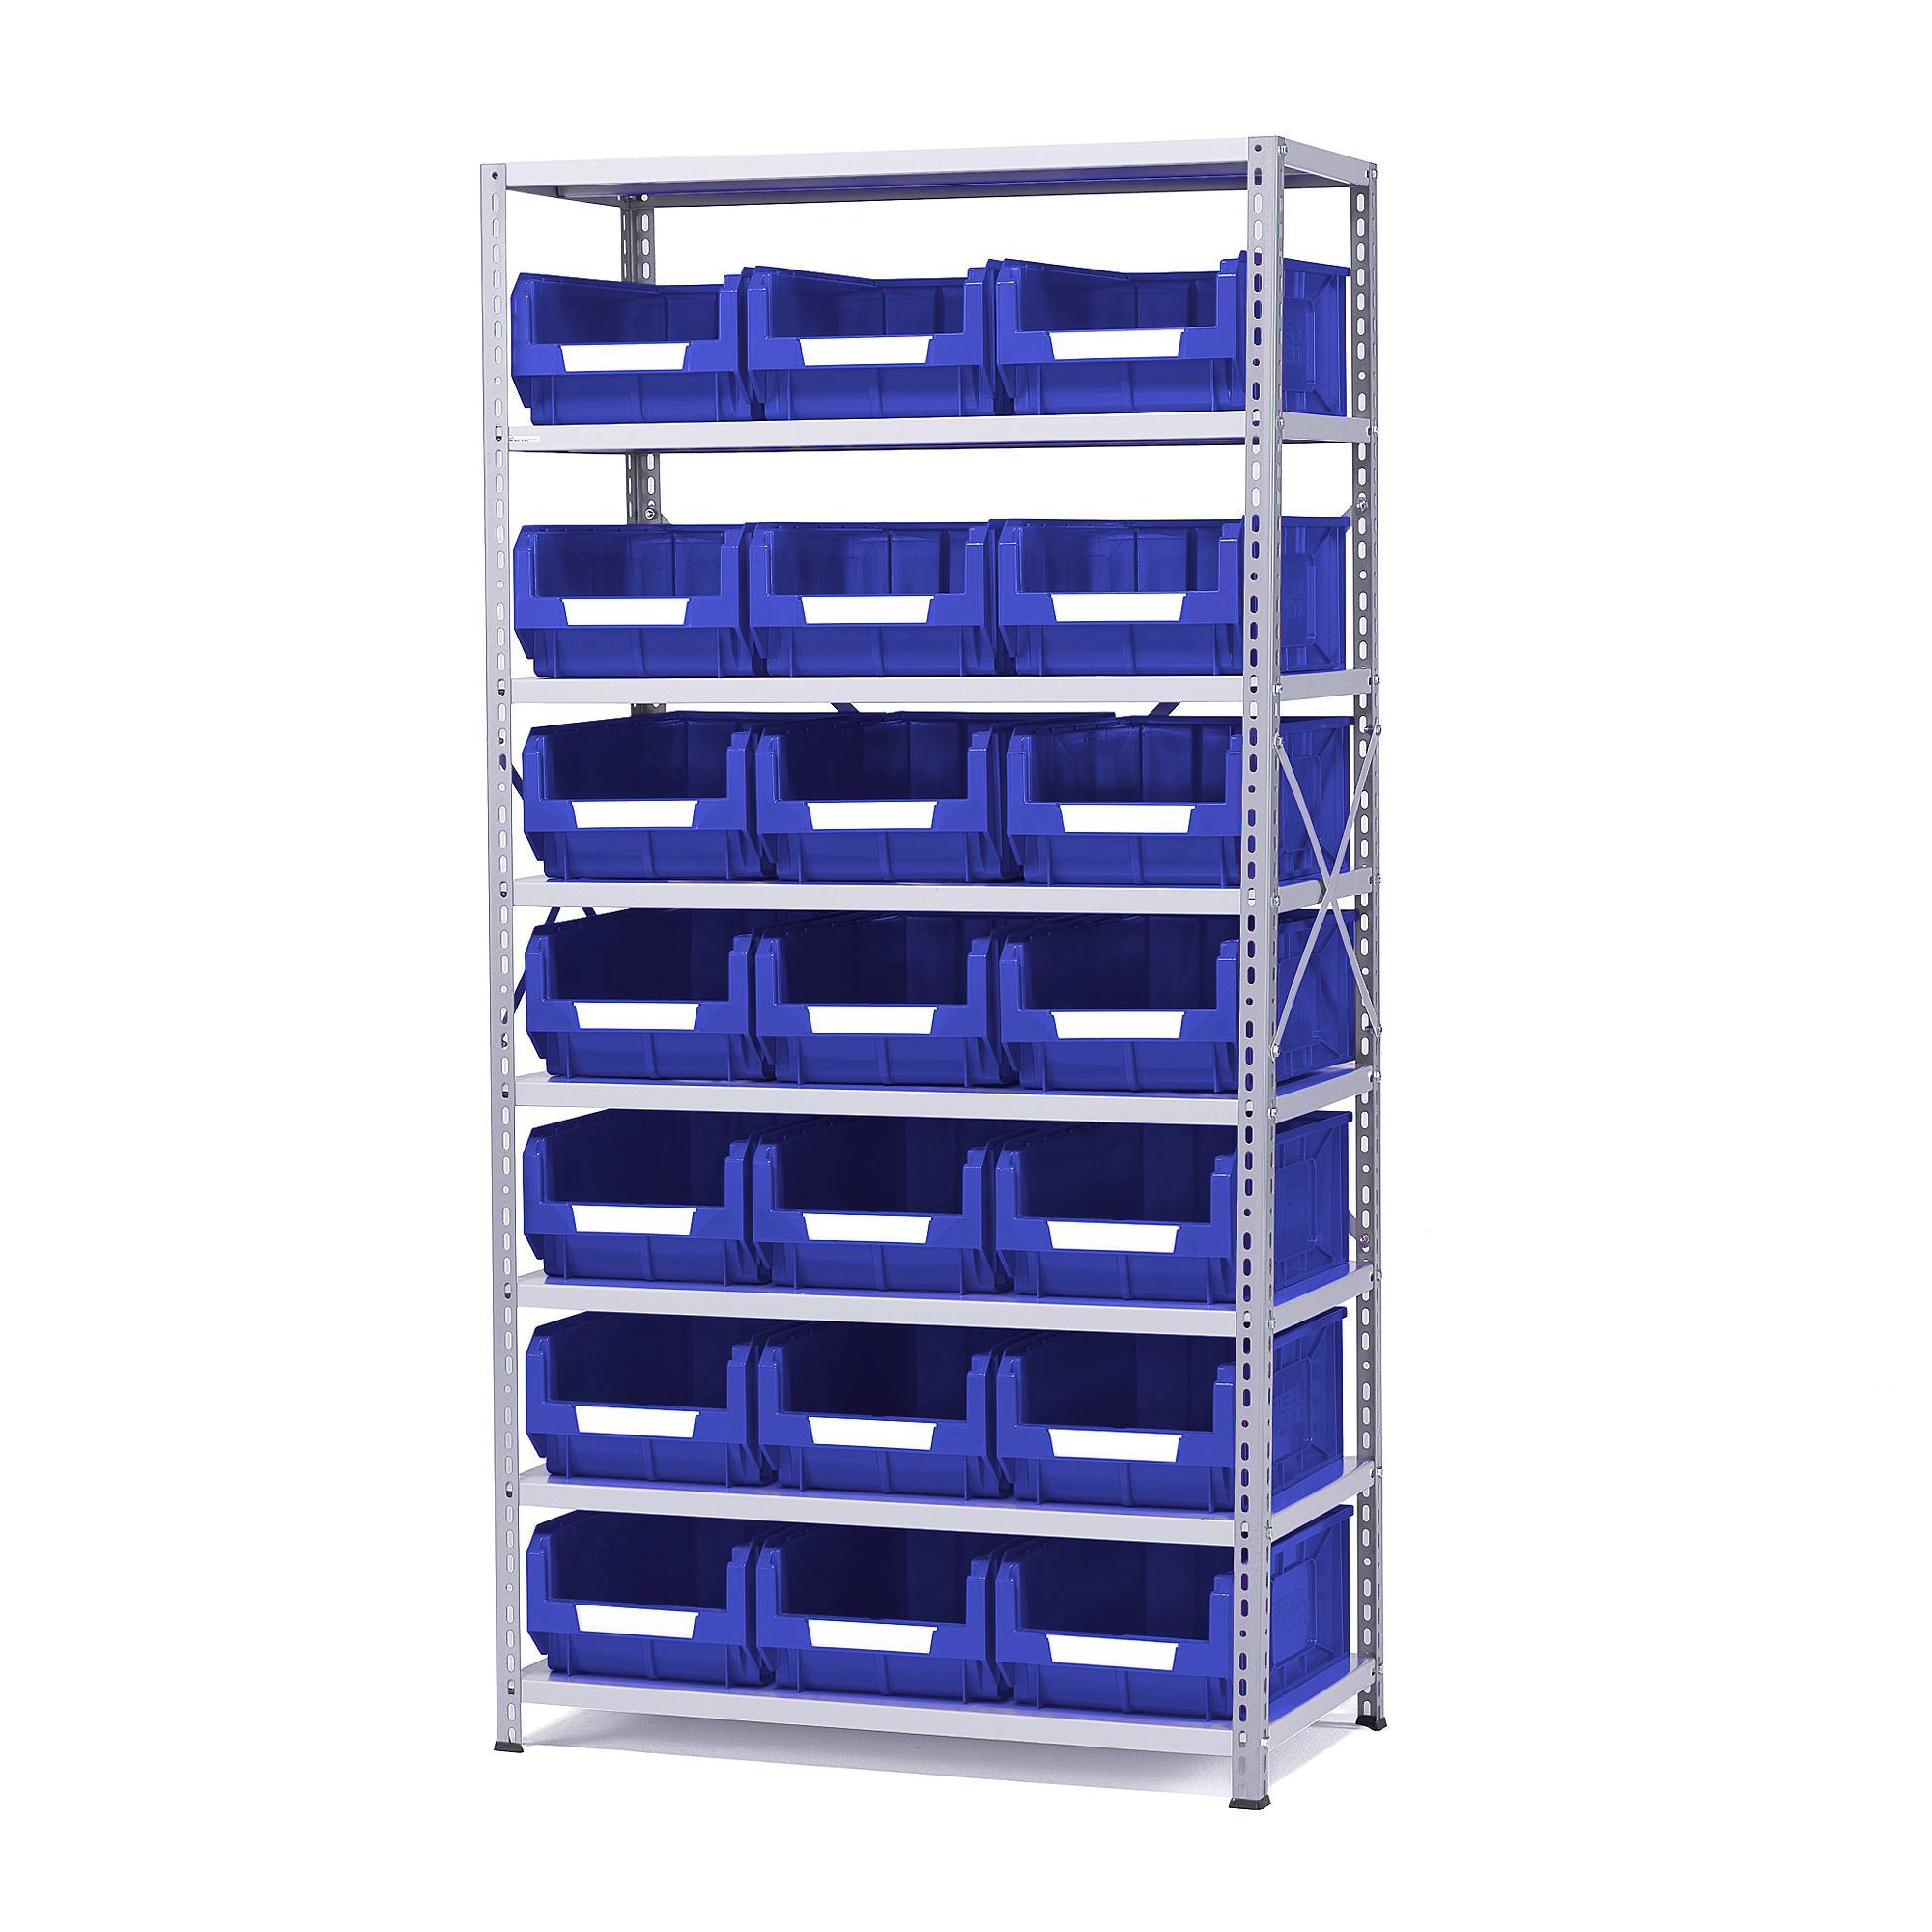 Regál na plastové boxy, 21 boxov, 1970x1000x500 mm, modré boxy